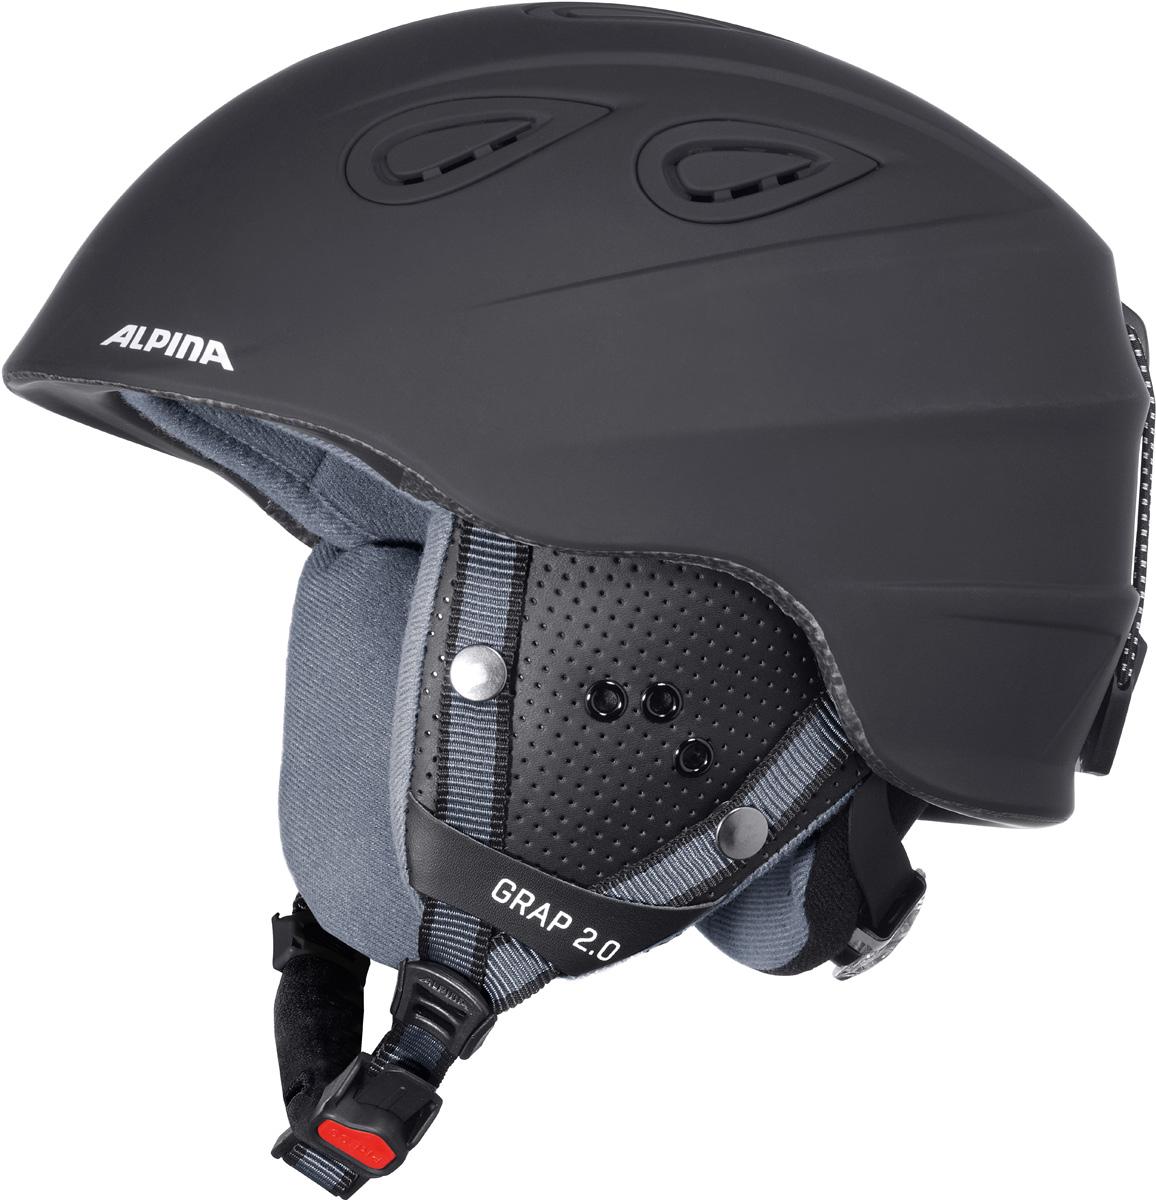 Шлем горнолыжный Alpina Grap 2.0, цвет: черный. A9085_33. Размер 54-57A9085_33Во всем мире популярность горнолыжного шлема Grap лишь набирает обороты. Alpina представляет обновленную версию самой продаваемой модели. Шлем Grap 2.0 сохранил отличительные особенности предыдущей модели и приобрел новые, за которые его выбирают райдеры по всему миру. Универсальность, легкость и прочность сделали его обязательным элементом экипировки любителей горнолыжного спорта. Модель также представлена в детской линейке шлемов. Технологии: Конструкция In-Mold - соединение внутреннего слоя из EPS (вспененного полистирола) с внешним покрытием под большим давлением в условиях высокой температуры. В результате внешняя поликарбонатная оболочка сохраняет форму конструкции, предотвращая поломку и попадание осколков внутрь шлема, а внутренний слой Hi-EPS, состоящий из множества наполненных воздухом гранул, амортизирует ударную волну, защищая голову райдера от повреждений. Внешнее покрытие Ceramic Shell обеспечивает повышенную ударопрочность и износостойкость, а также обладает защитой от УФ-излучений, препятствующей выгоранию на солнце, и антистатичными свойствами. Съемный внутренний тканевый слой. Подкладку можно постирать и легко вставить обратно. Своевременный уход за внутренником предотвращает появление неприятного запаха. Вентиляционная система с раздвижным механизмом с возможностью регулировки интенсивности потока воздуха. Классическая система регулировки в шлемах Alpina Run System с регулировочным кольцом на затылке позволяет быстро и легко подобрать оптимальную и комфортную плотность посадки на голове. Съемные ушки согревают в холодную погоду, а в теплую компактно хранятся в кармане куртки. Шейный воротник из микрофлиса в задней части шлема быстро согревает и не давит на шею. Ремешок фиксируется кнопкой с запирающим механизмом. Застежка максимально удобна для использования в перчатках. Система Edge Protect в конструкции шлема защищает голову горнолыжника при боковом ударе. Система Y-Cl